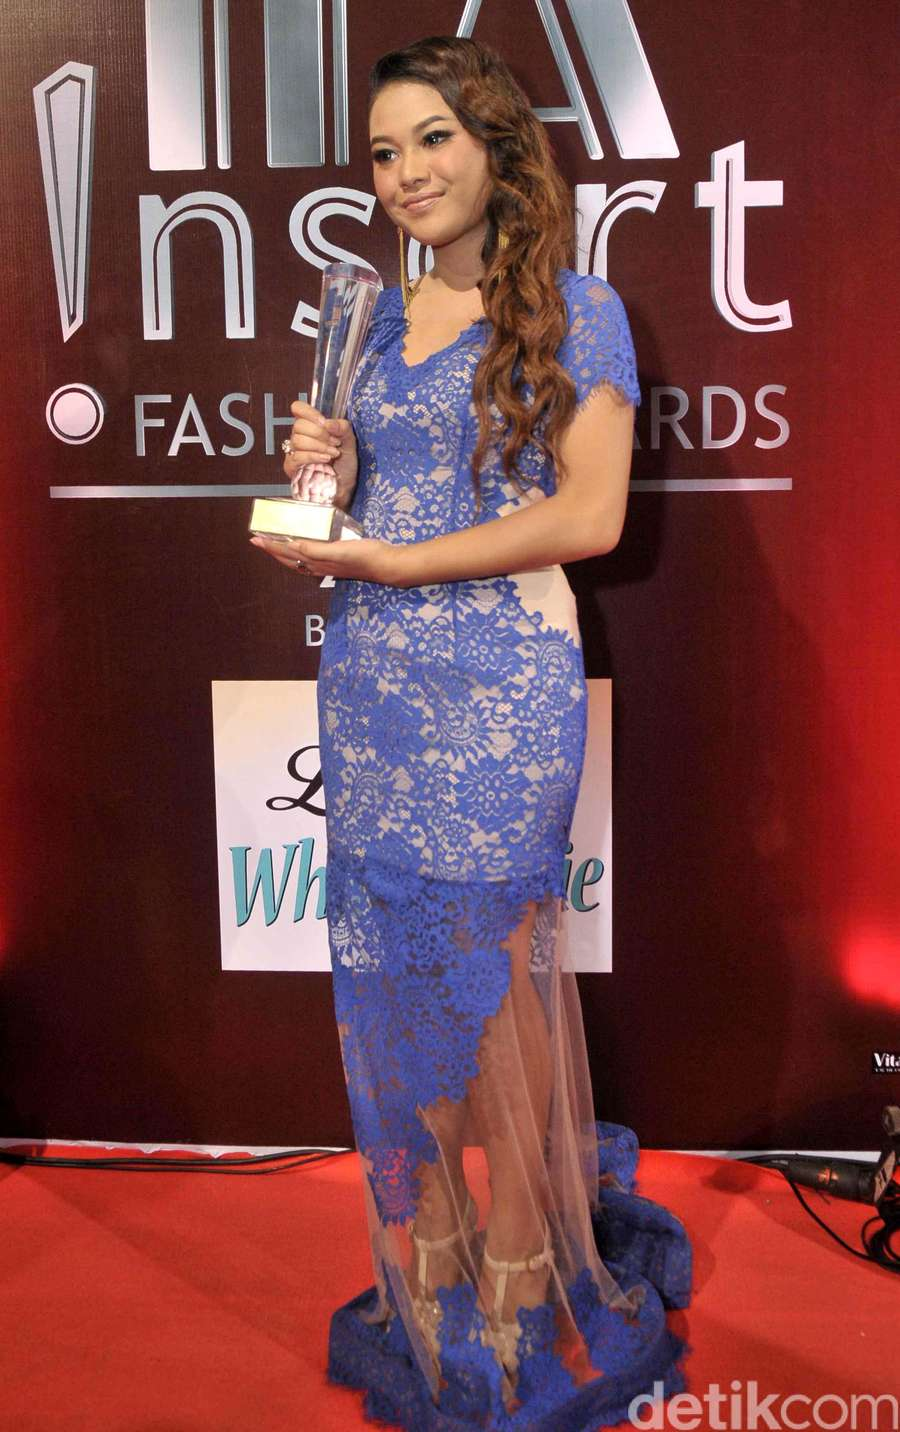 Aurel Selebriti Remaja Wanita Terfavorit Nsert Fashion Awards 2016